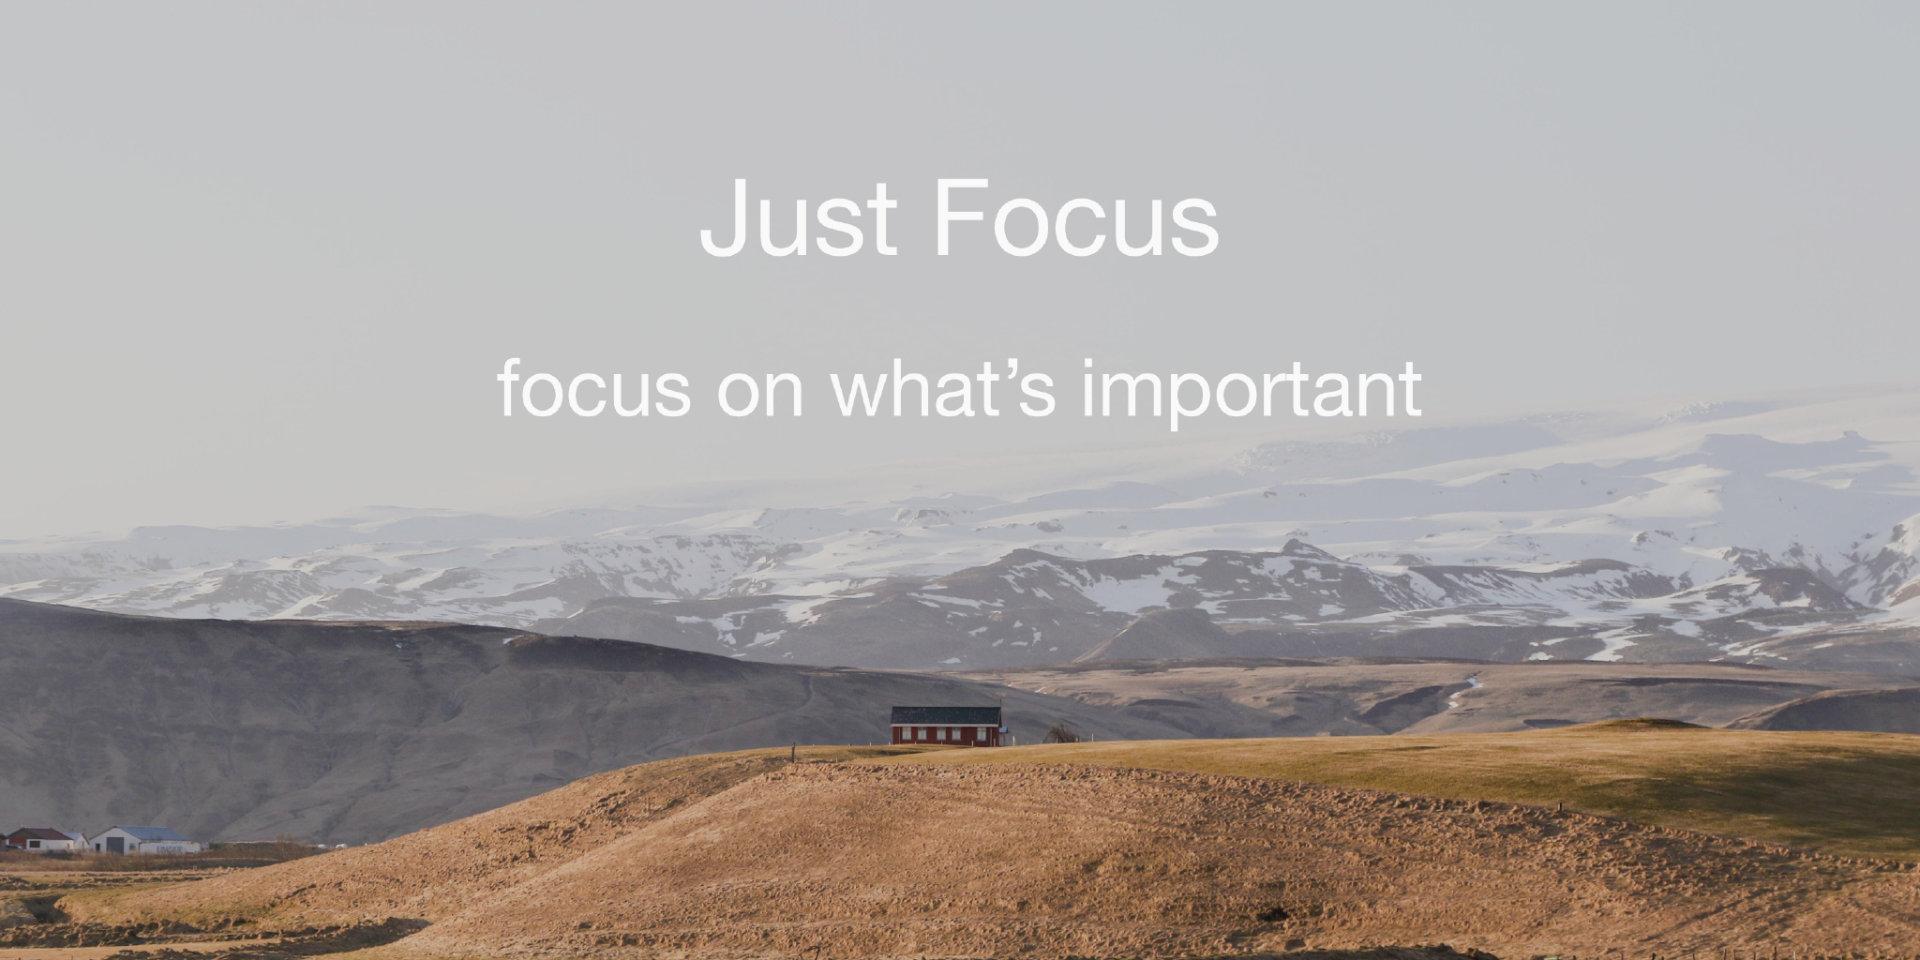 「创造性」是学习给我带来最大的愉悦:专访 Just Focus